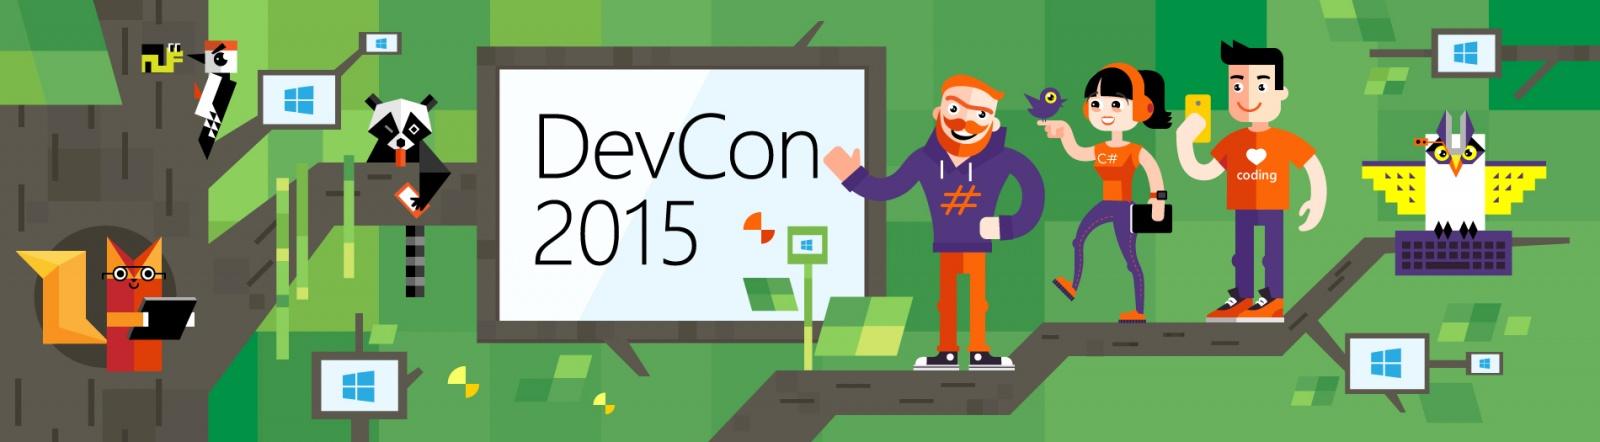 DevCon 2015: анонс докладчиков – представителей сообщества - 1